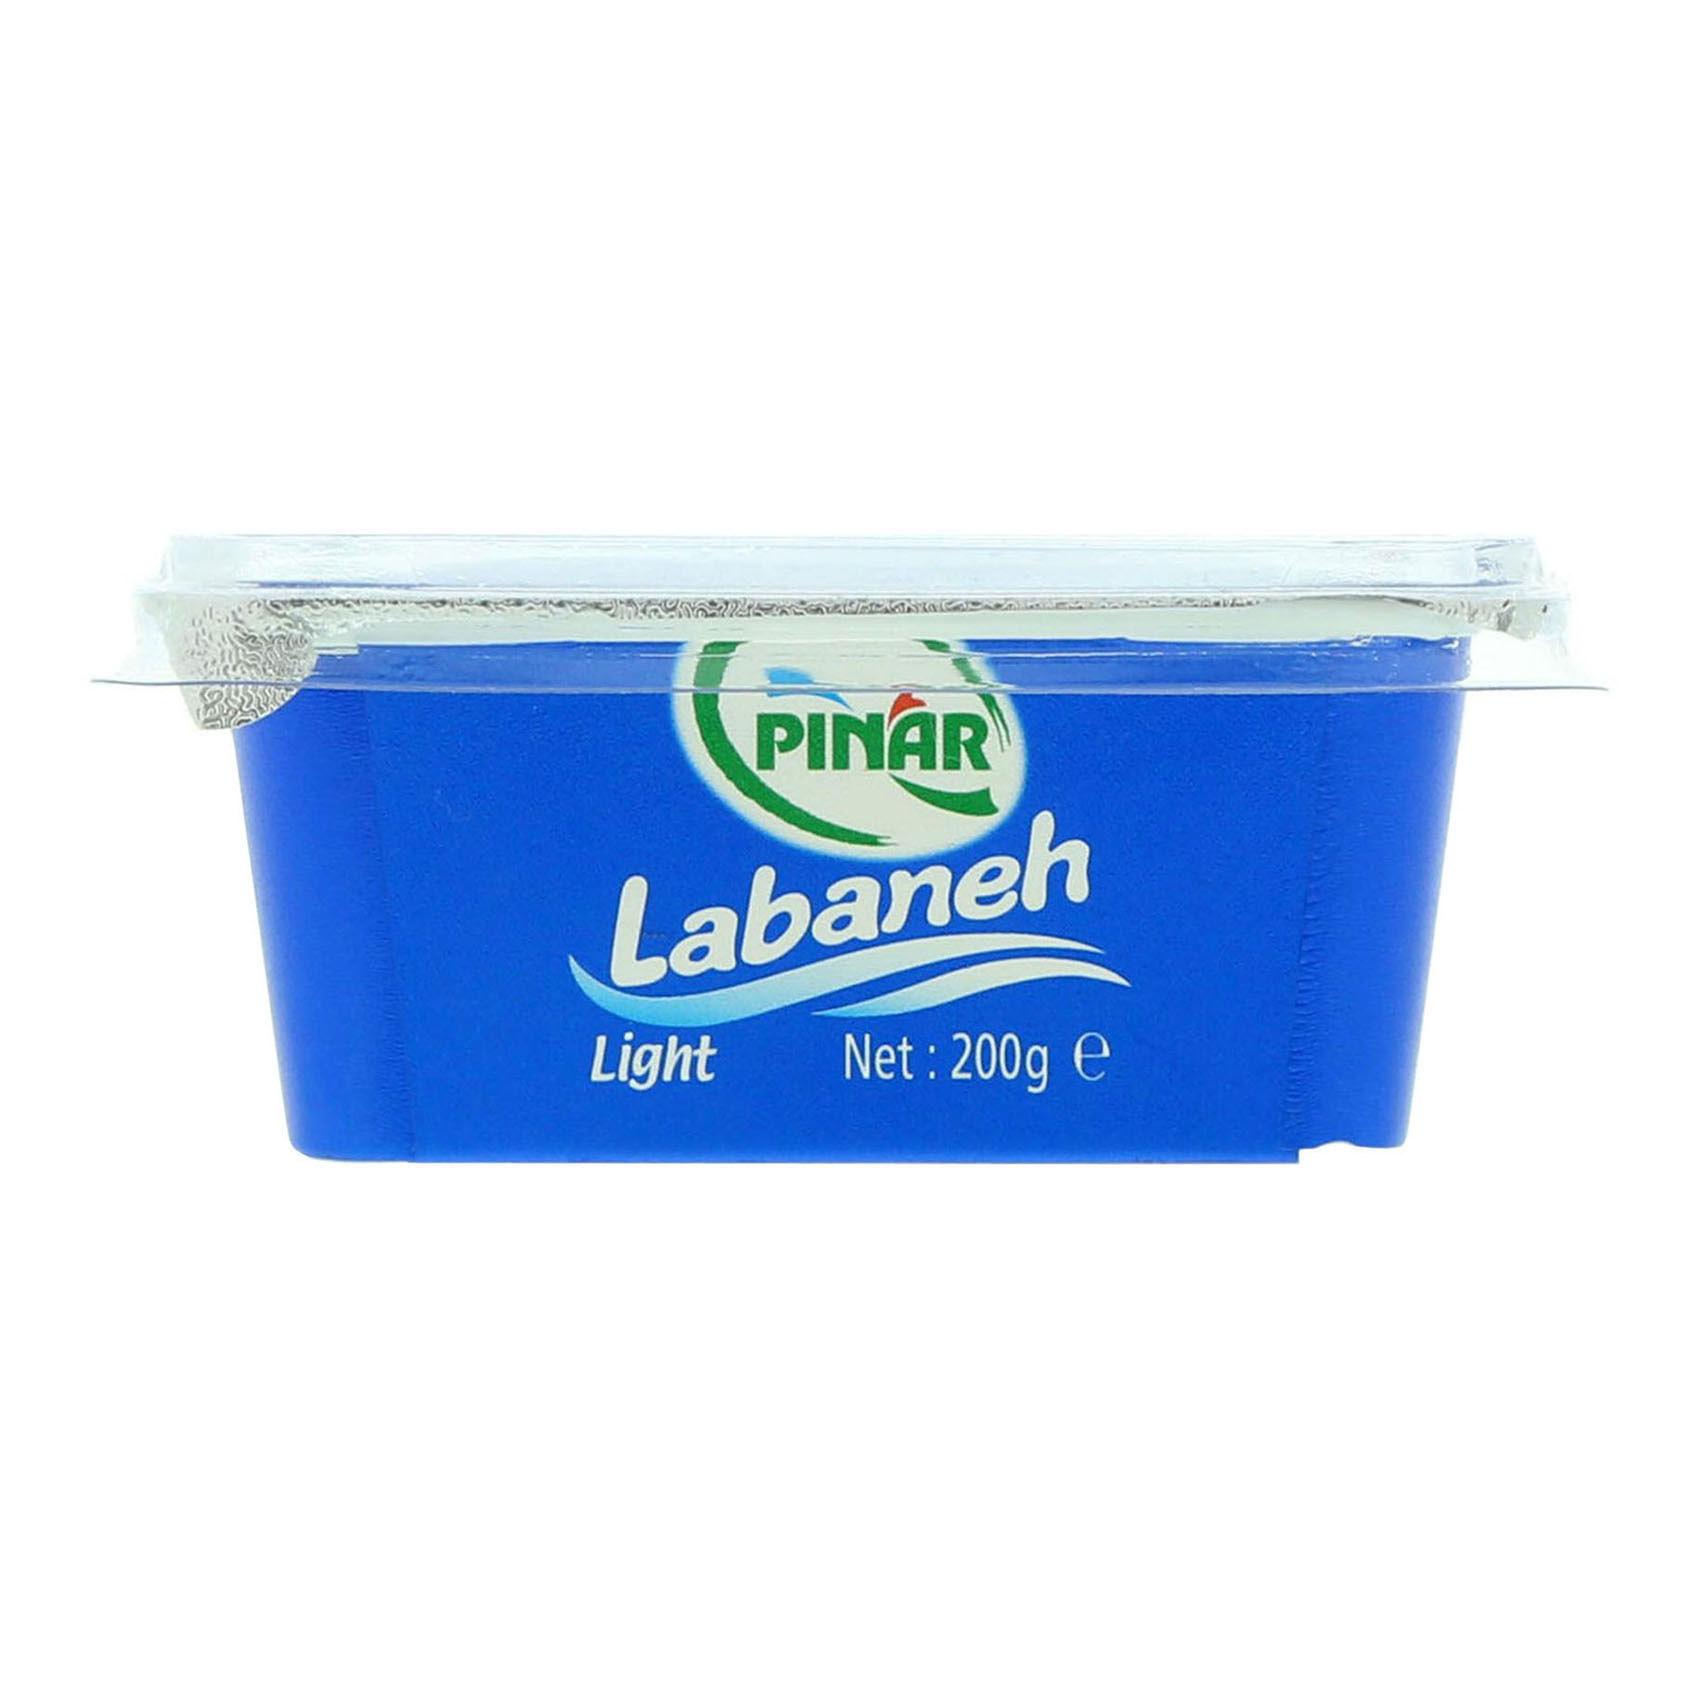 PINAR LABNEH LIGHT 200GR